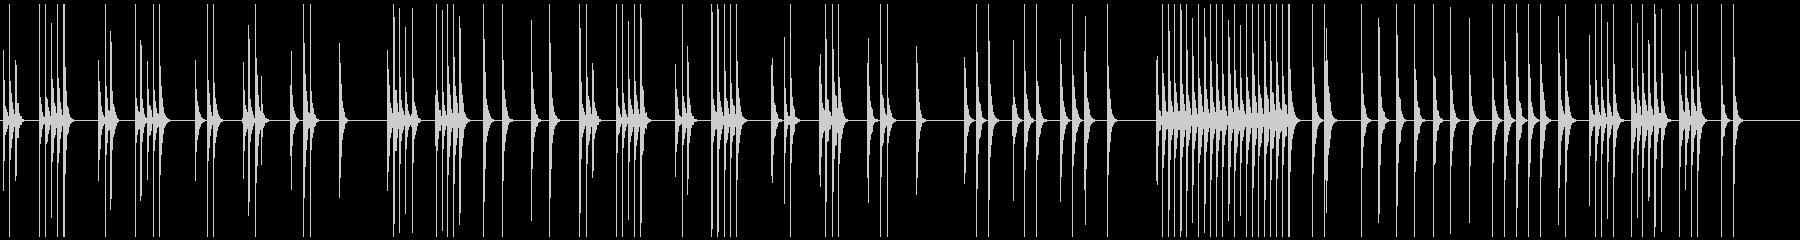 映像向ほのぼの木琴の一人で黙々働く像の未再生の波形